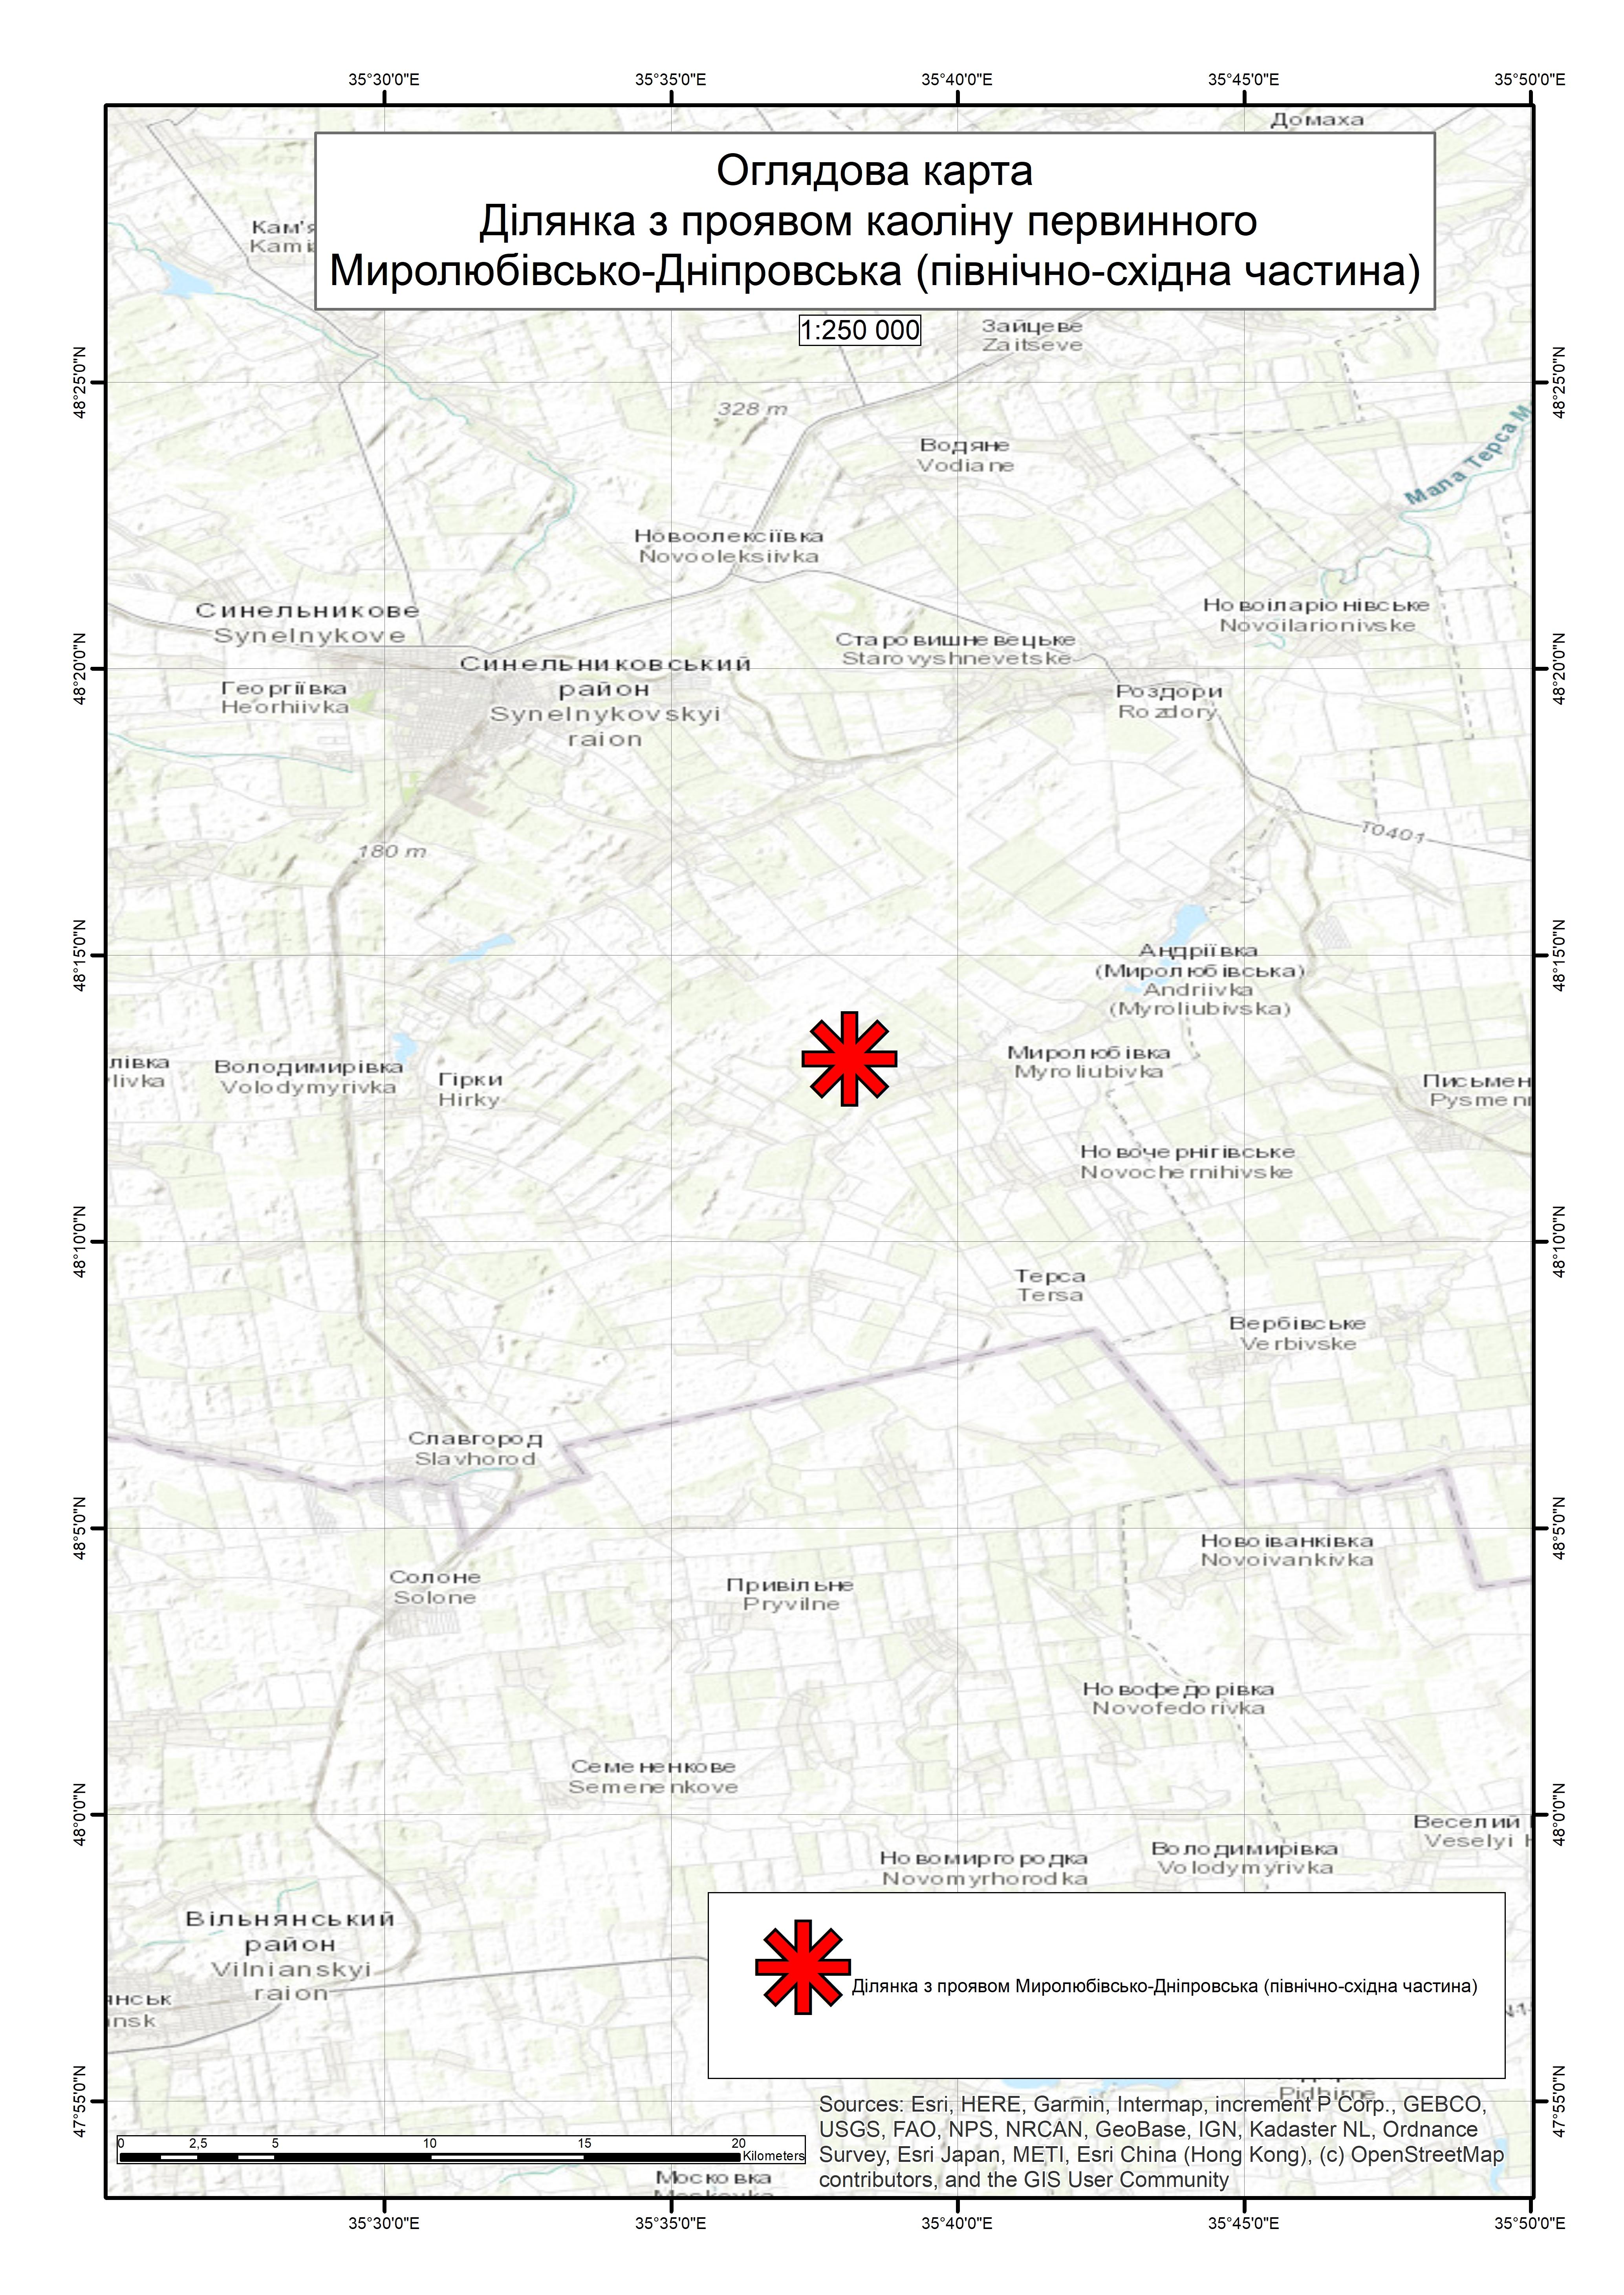 Спеціальний дозвіл на користування надрами – Ділянка з проявом Миролюбівсько-Дніпровська (північно-східна частина). Вартість геологічної інформації – 414 327,70 грн (з ПДВ). Вартість пакету аукціонної документації – 48 689,88 грн (з ПДВ).